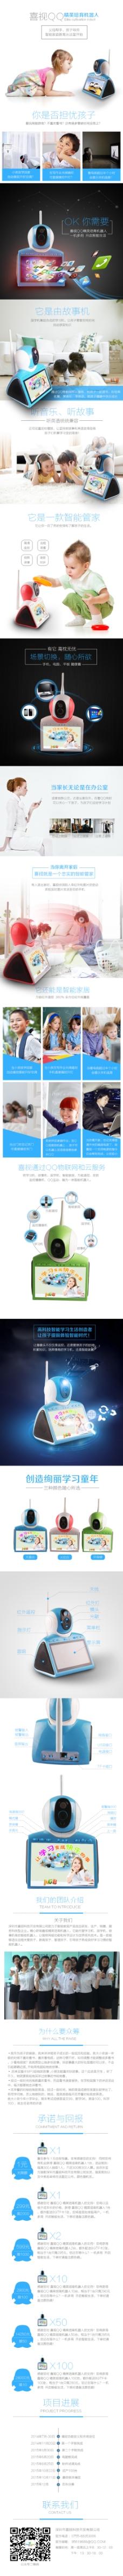 喜视QQ智能管家学习机